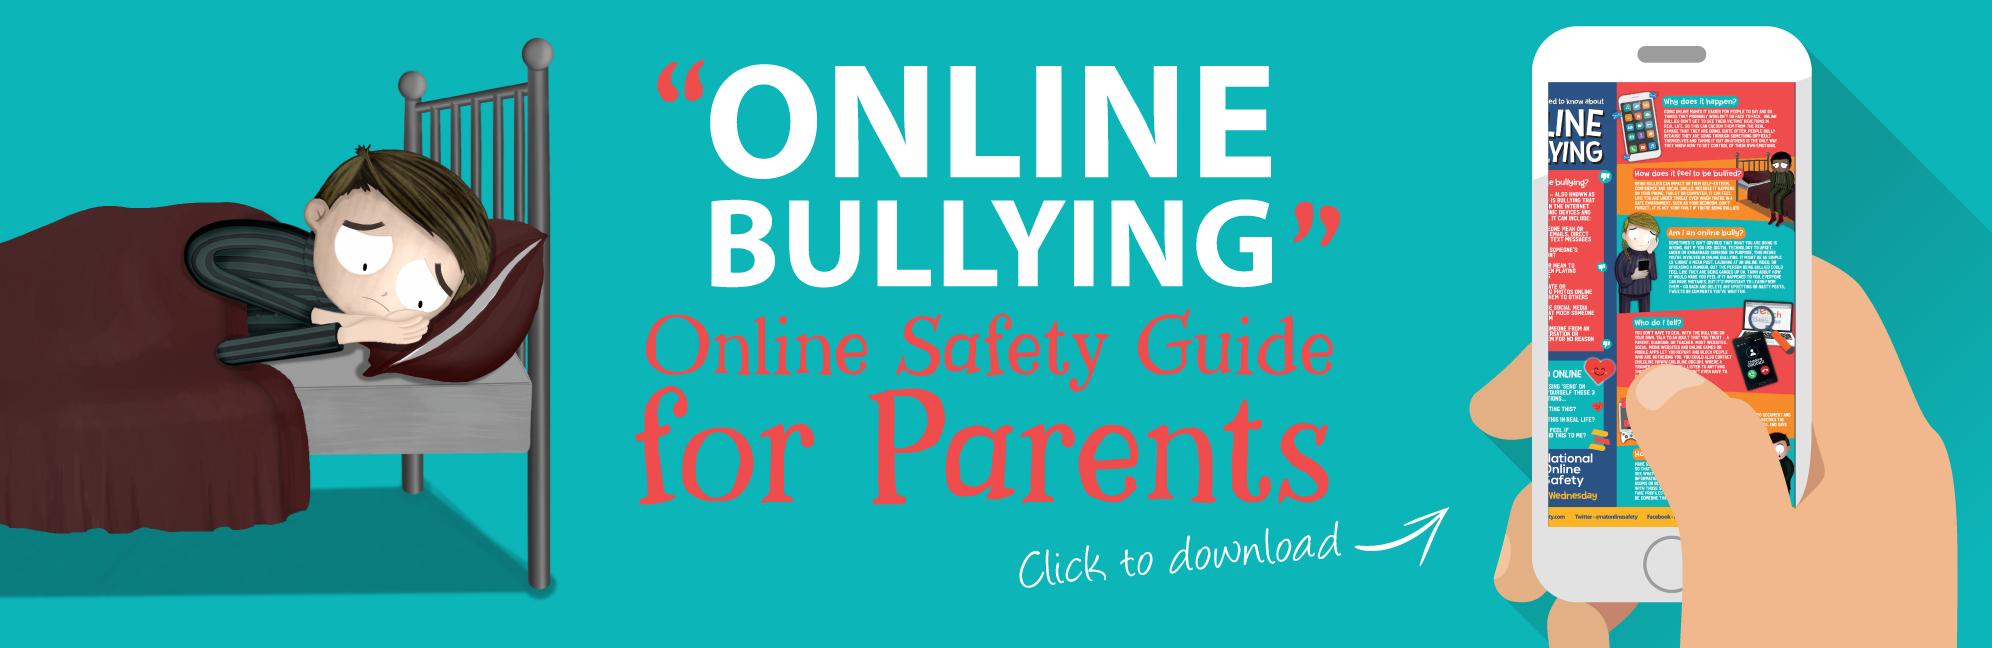 Online-Bullying-Web-Banner